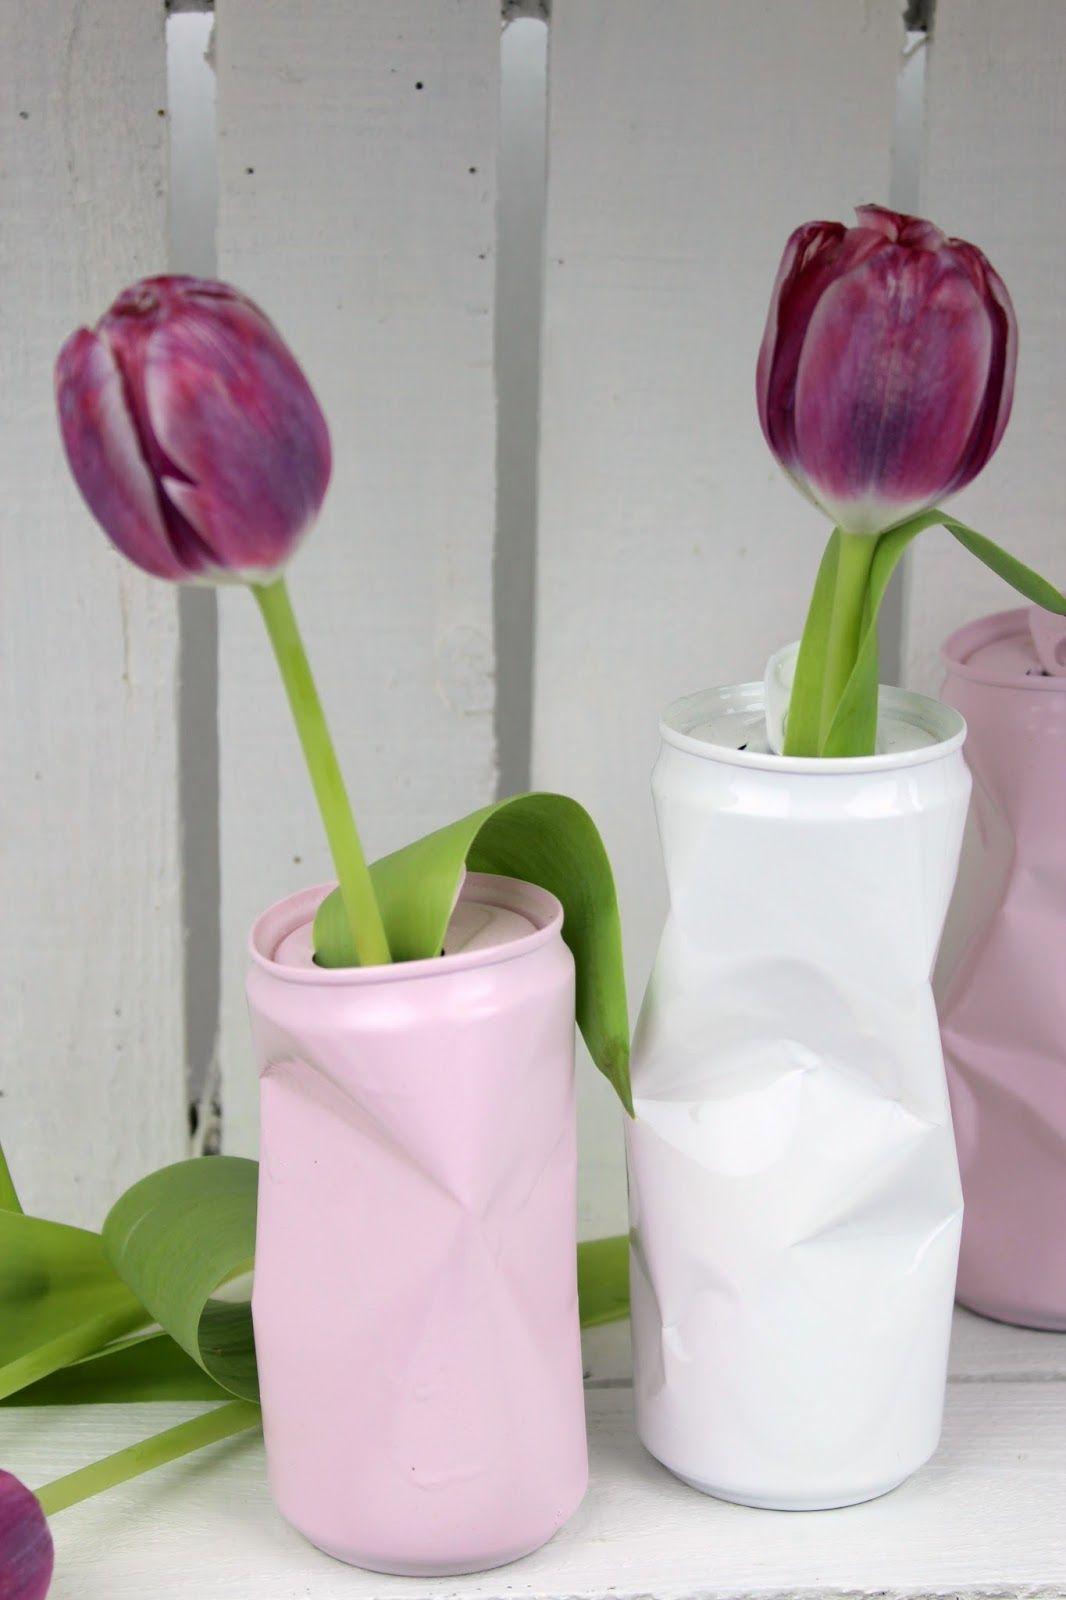 Deko Aus Dosen Basteln Frisch Diy Blumenvase Aus Alten Dosen Geniale Recycling